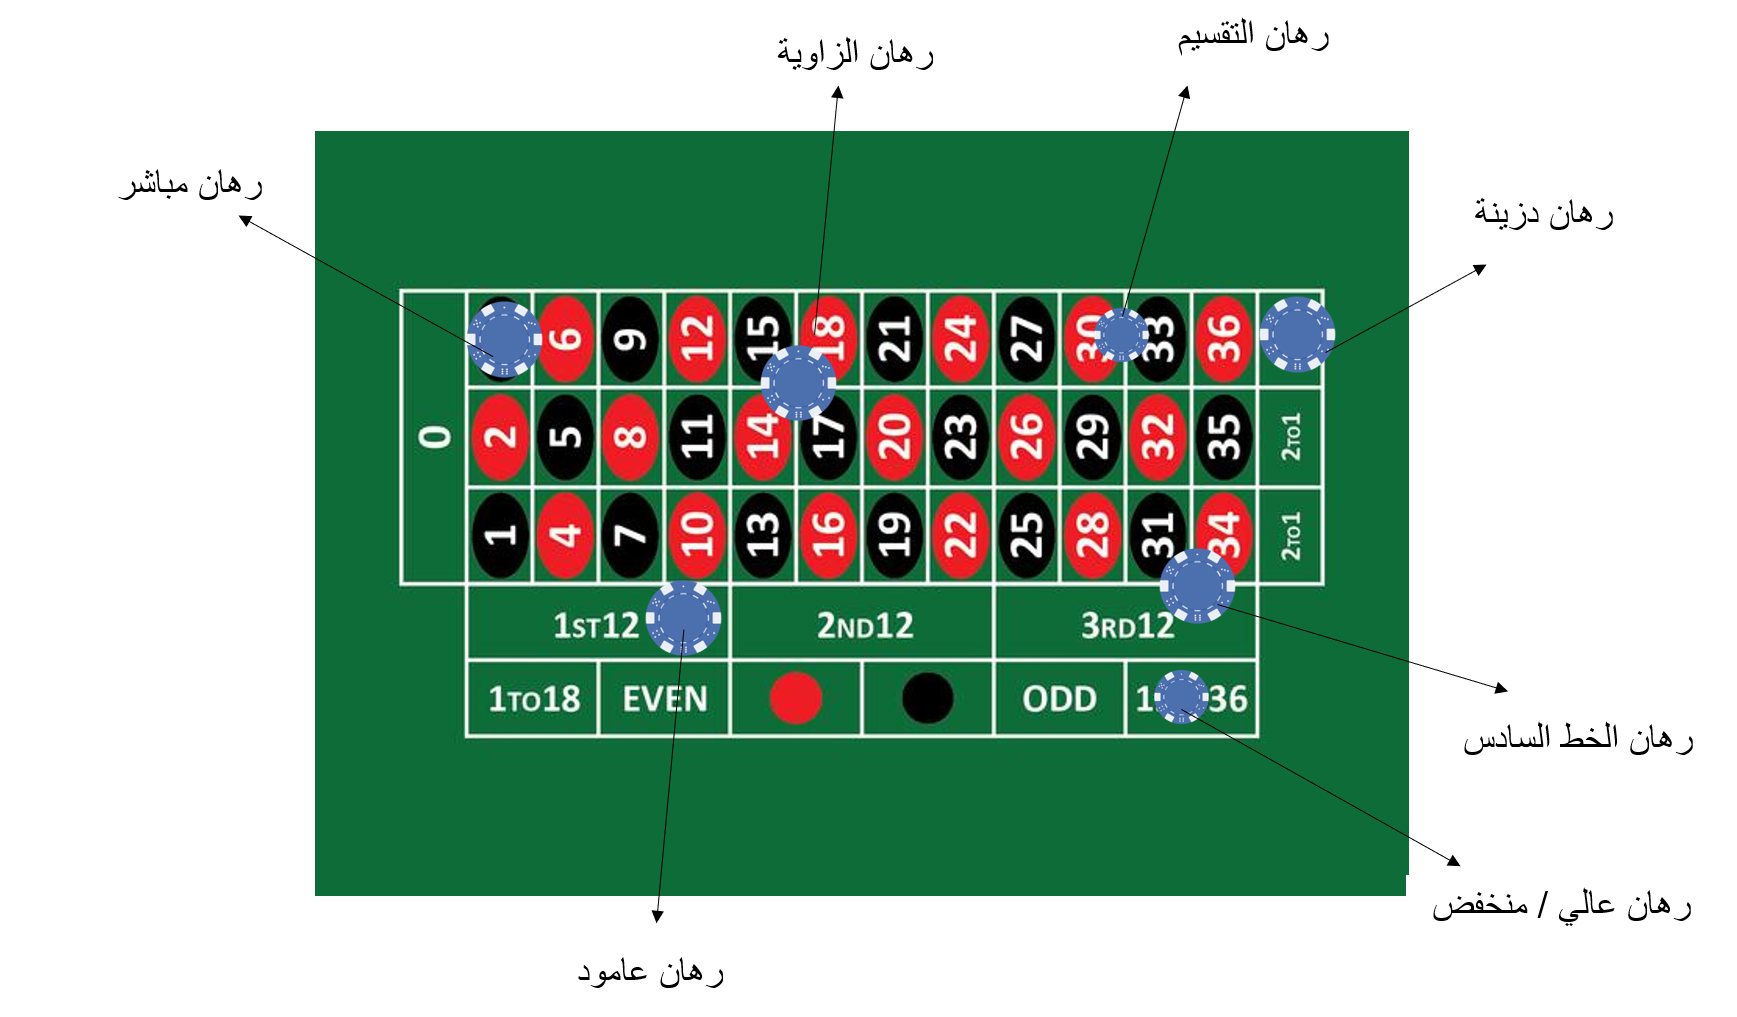 أهم استراتيجيات - 21085